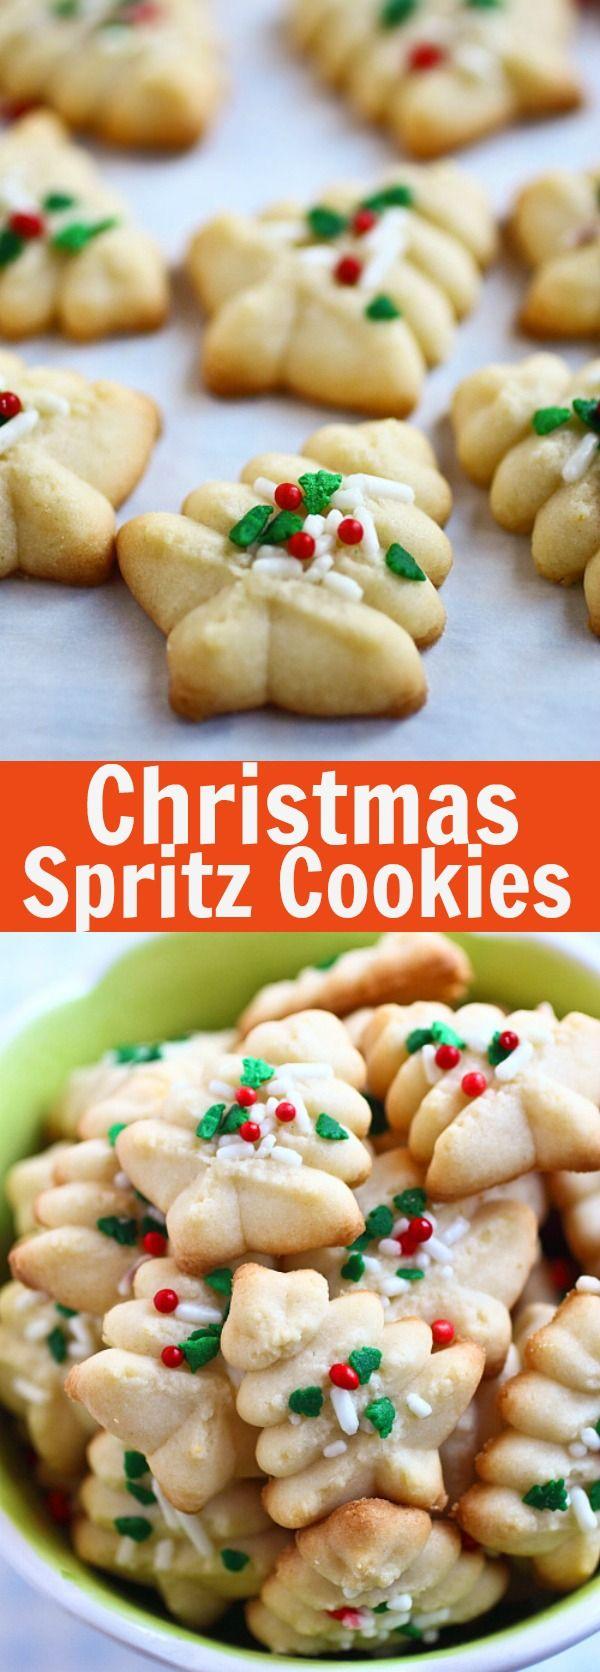 Spritz Cookies | Rezept | Rezepte weihnachten, Weihnachten und Kekse